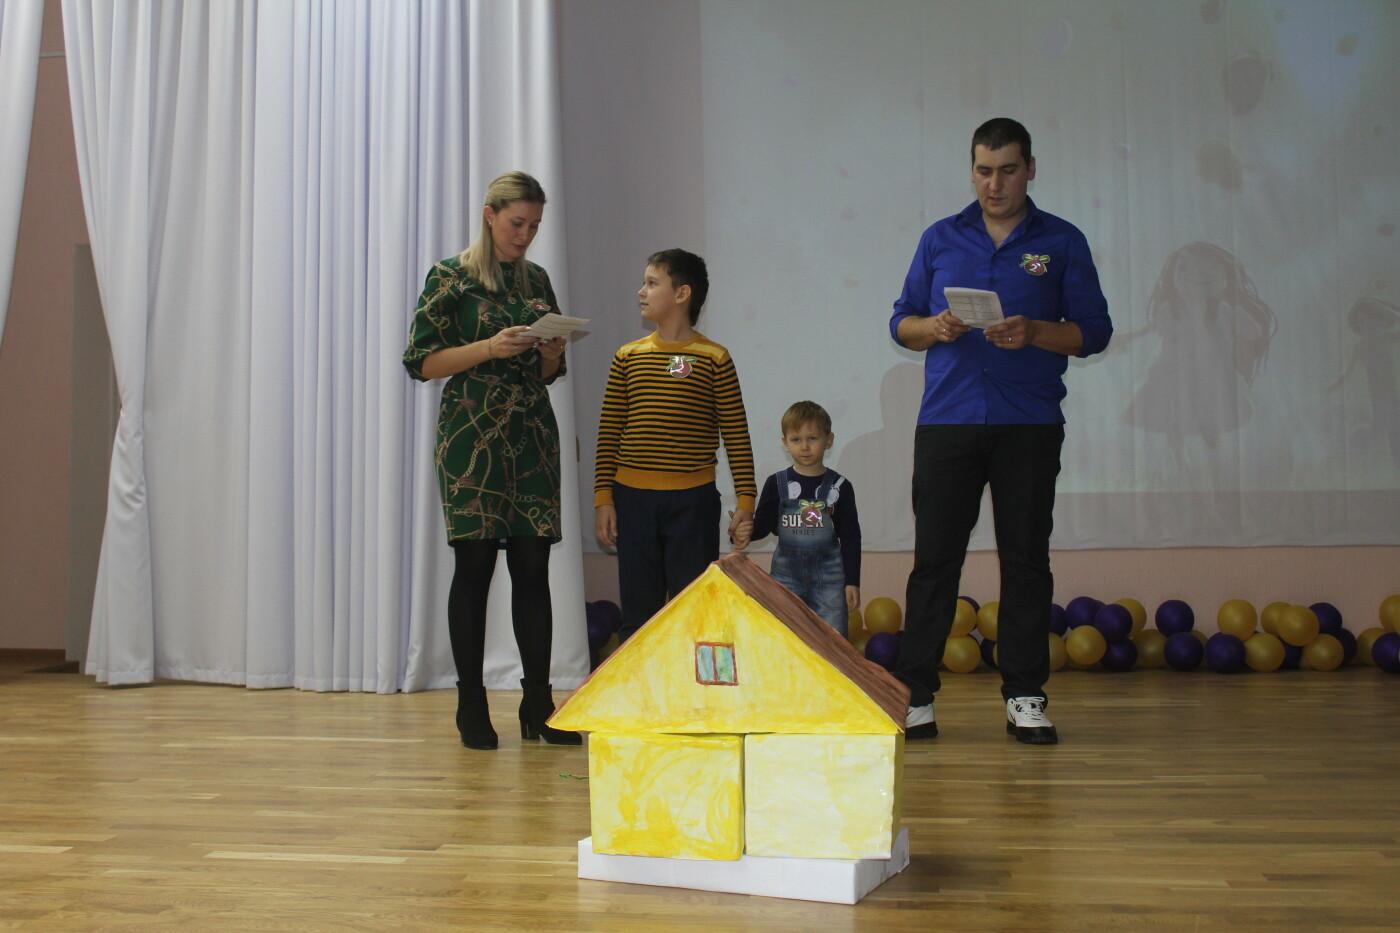 В Новошахтинске определили семью года , фото-7